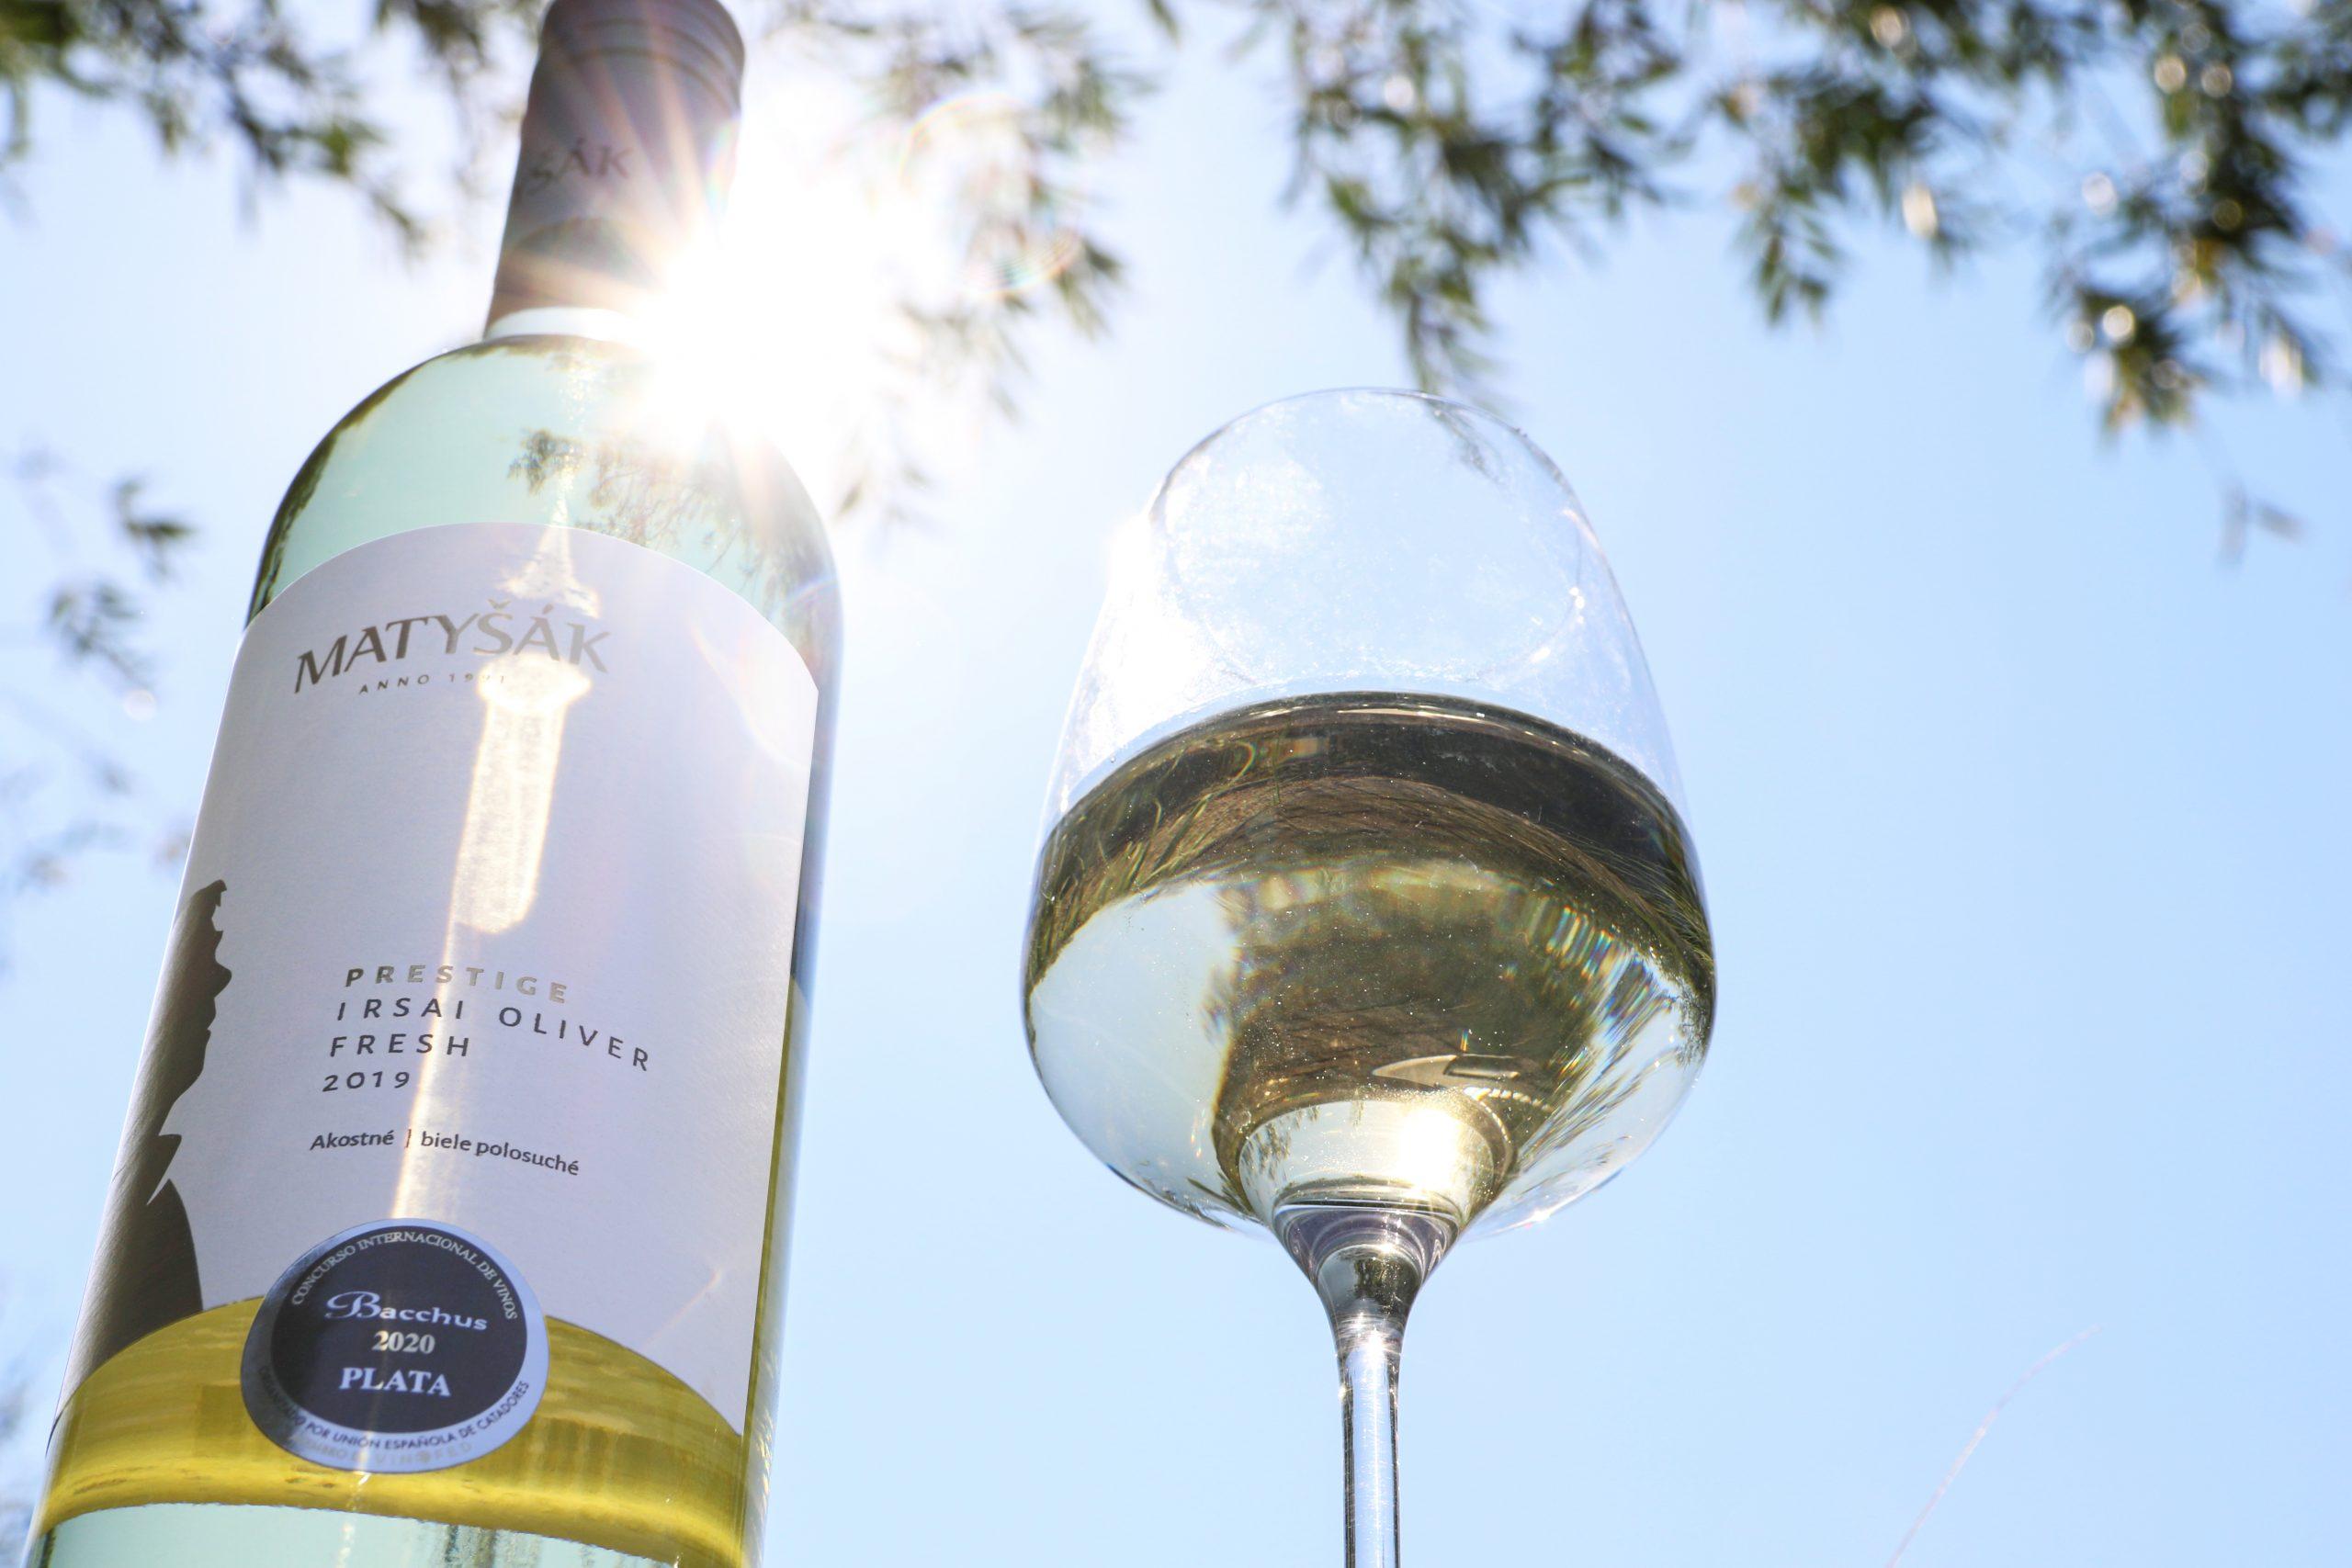 Svieže vínko z línie Prestige Fresh 2019